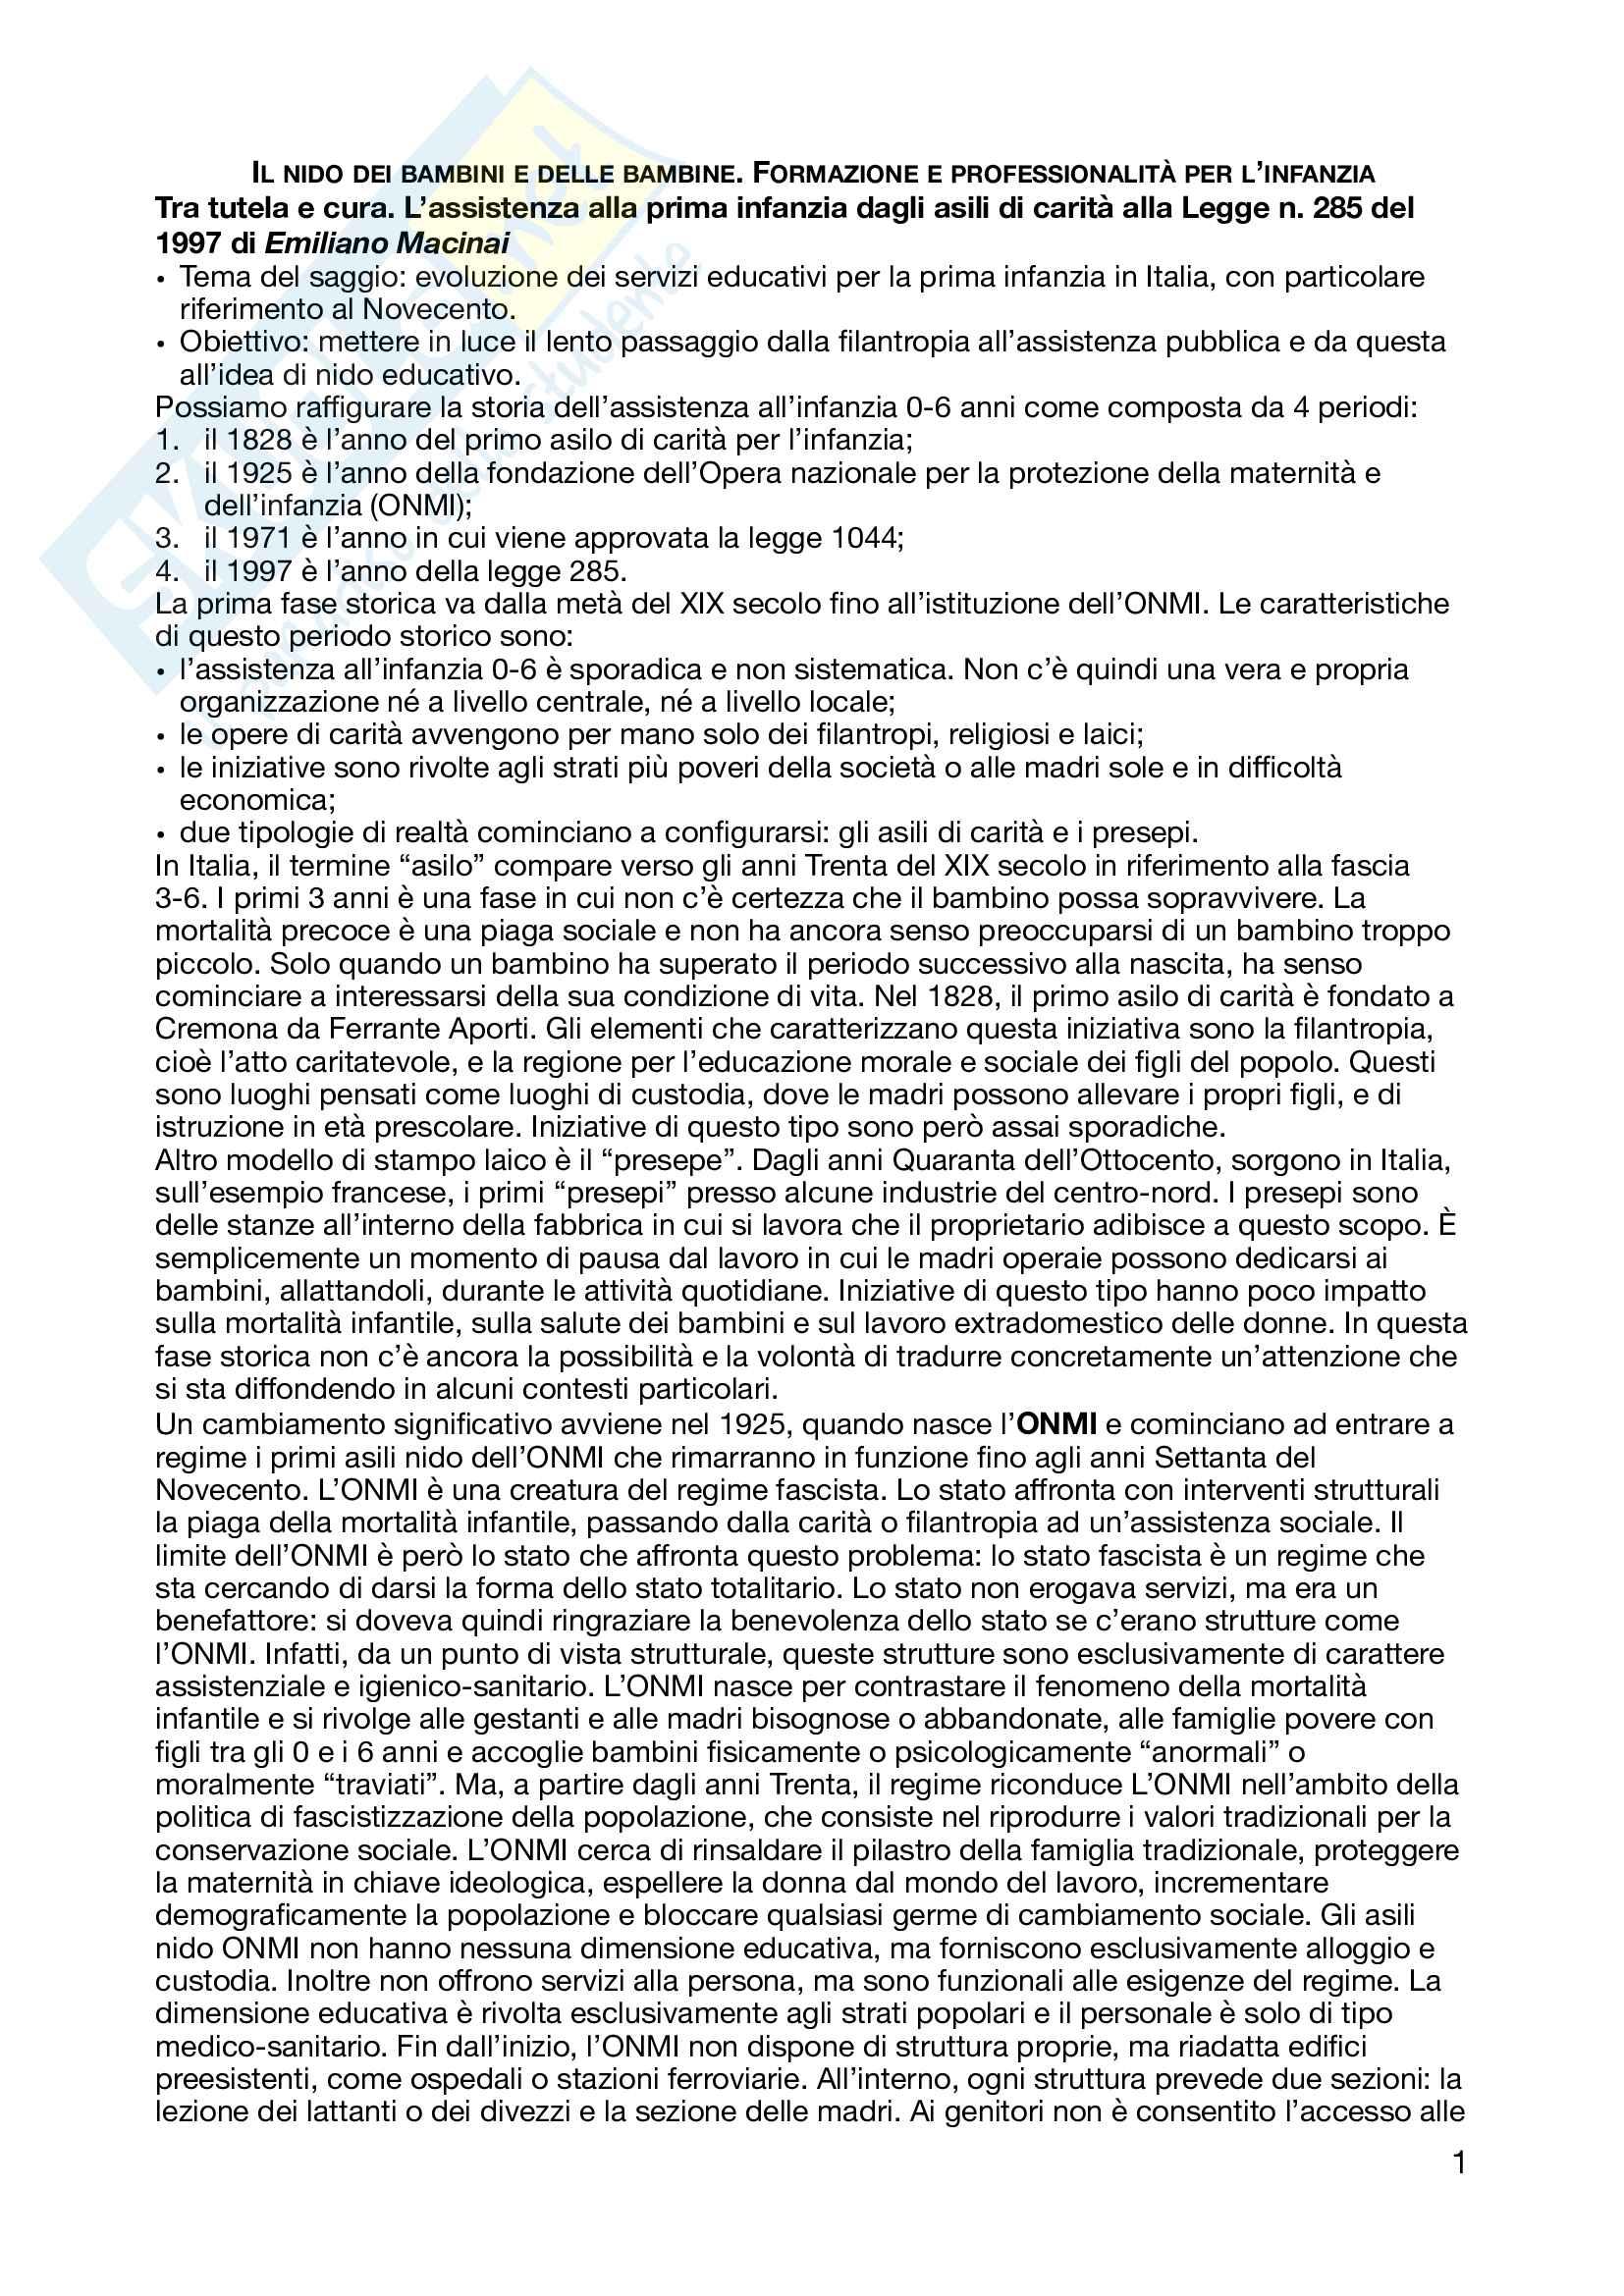 Riassunto esame pedagogia dell'infanzia, prof. Macinai, libro consigliato Il nido dei bambini e delle bambine. Formazione e professionalità per l'infanzia, Macinai